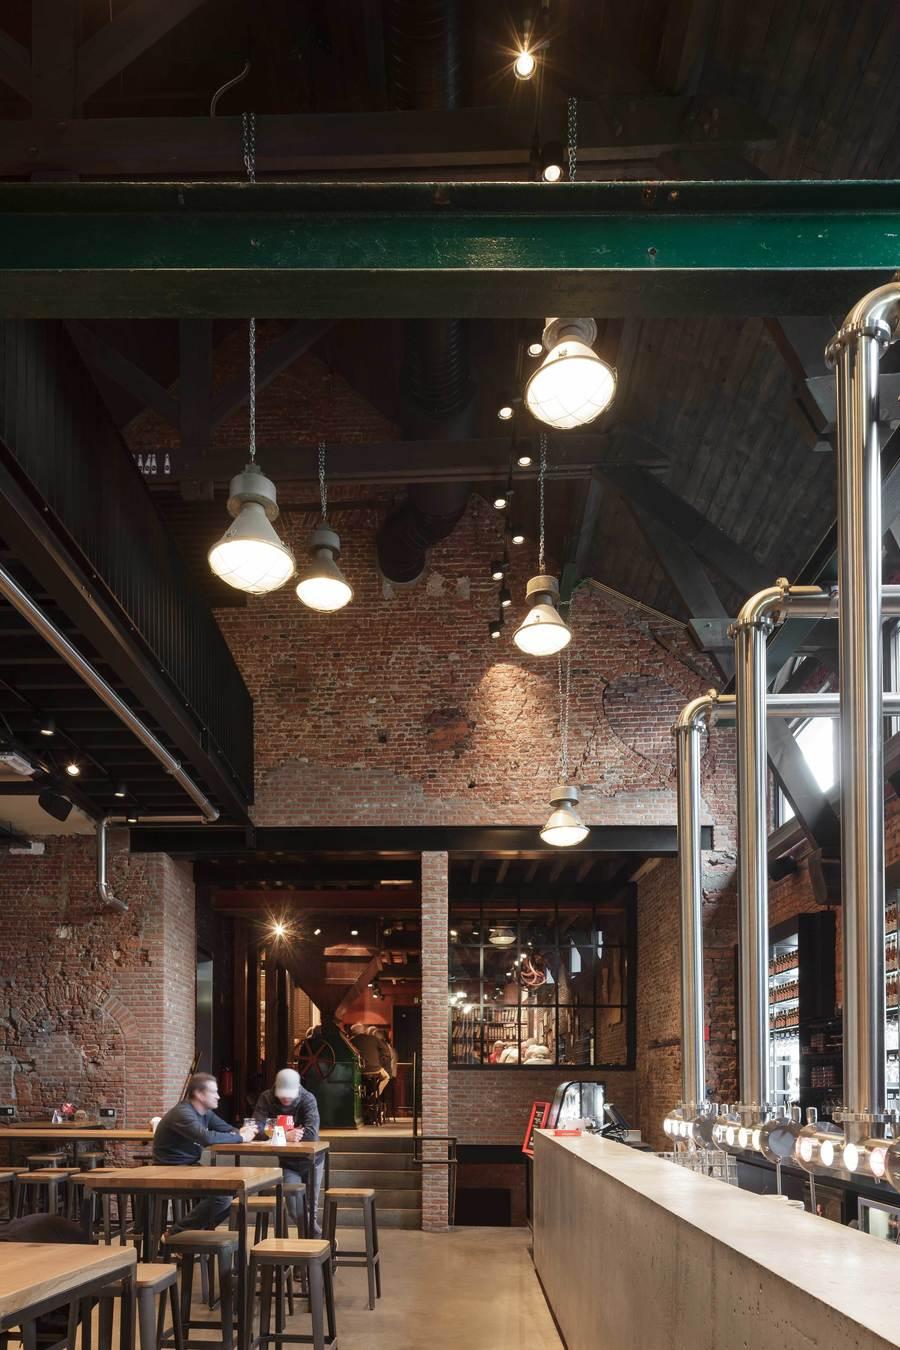 Na het brouwerijbezoek kom je terecht in de bar voor het belangrijkste gedeelte van de tour: proeven! Maar ook zonder een rondleiding op de  brouwerij, ben je hier meer dan welkom.